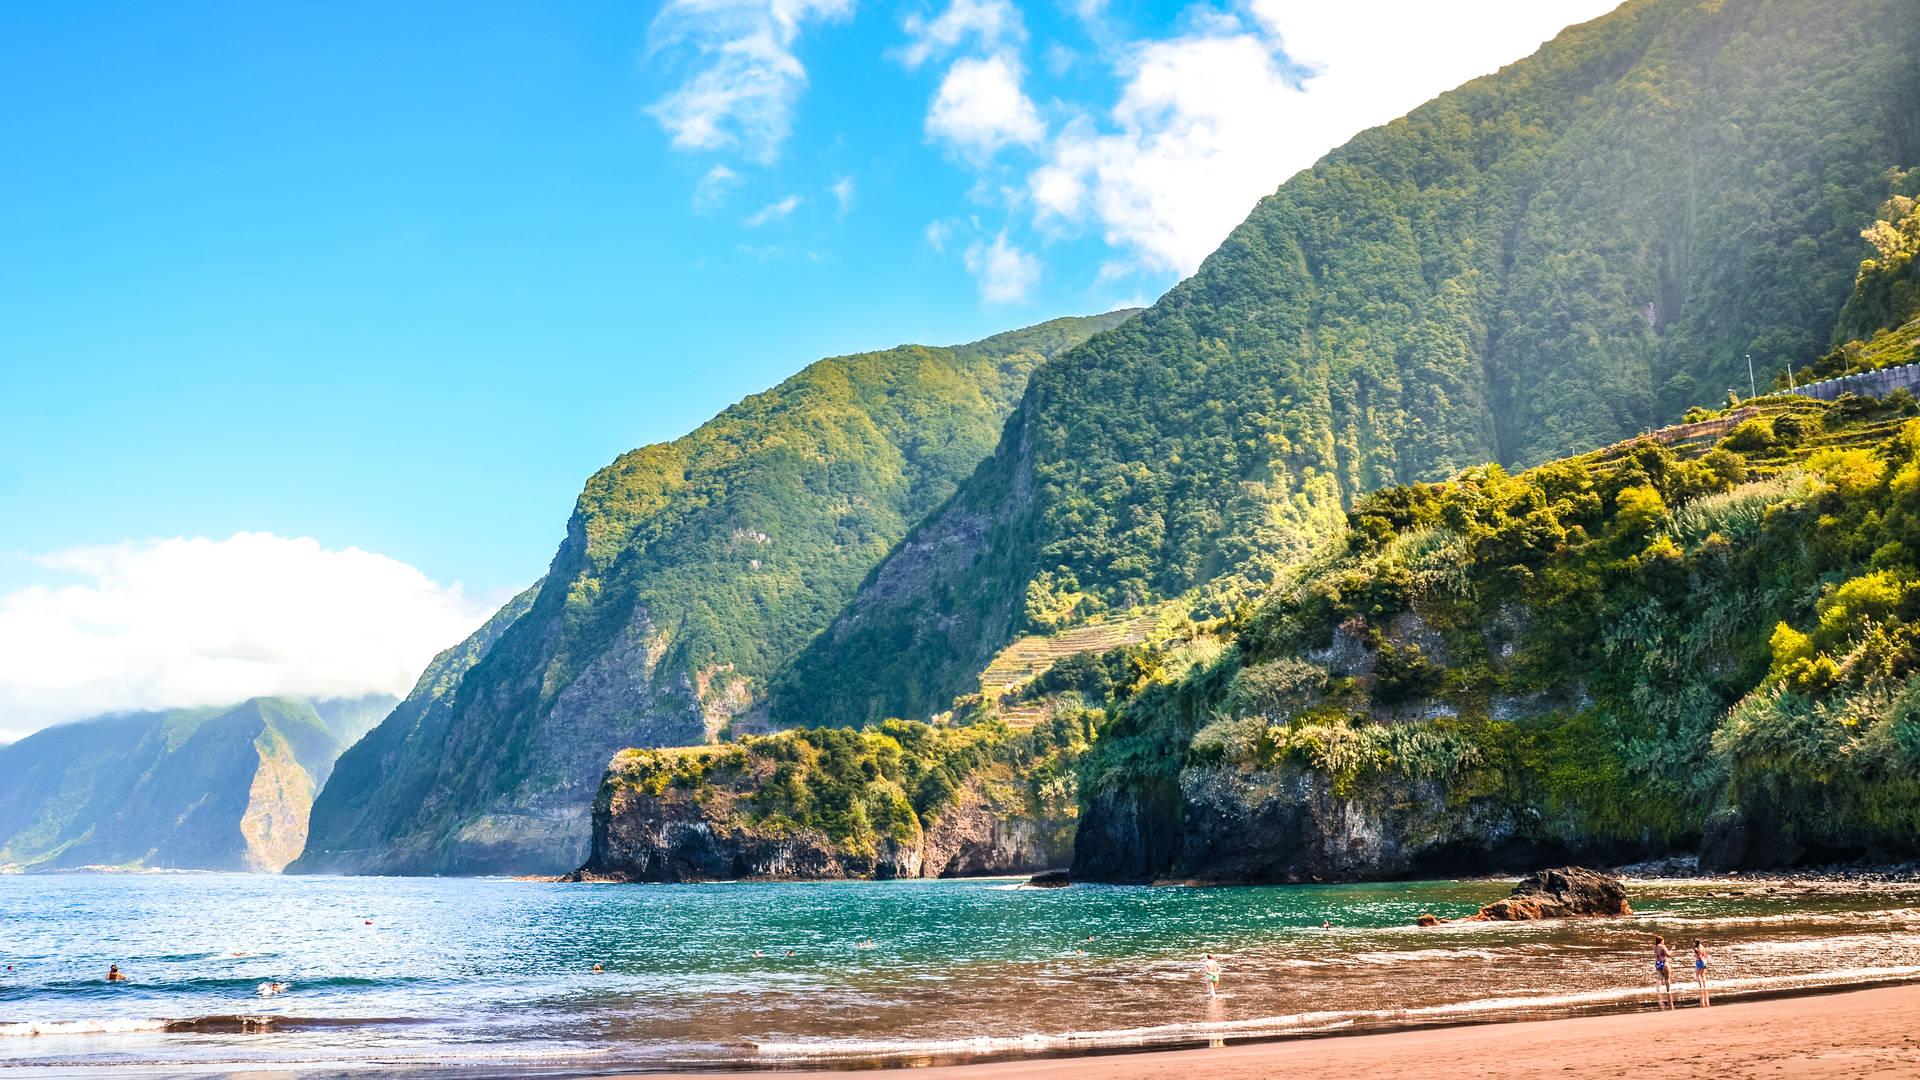 Het strand Seixal op Madeira. Zwart strand omgeven door groene natuur